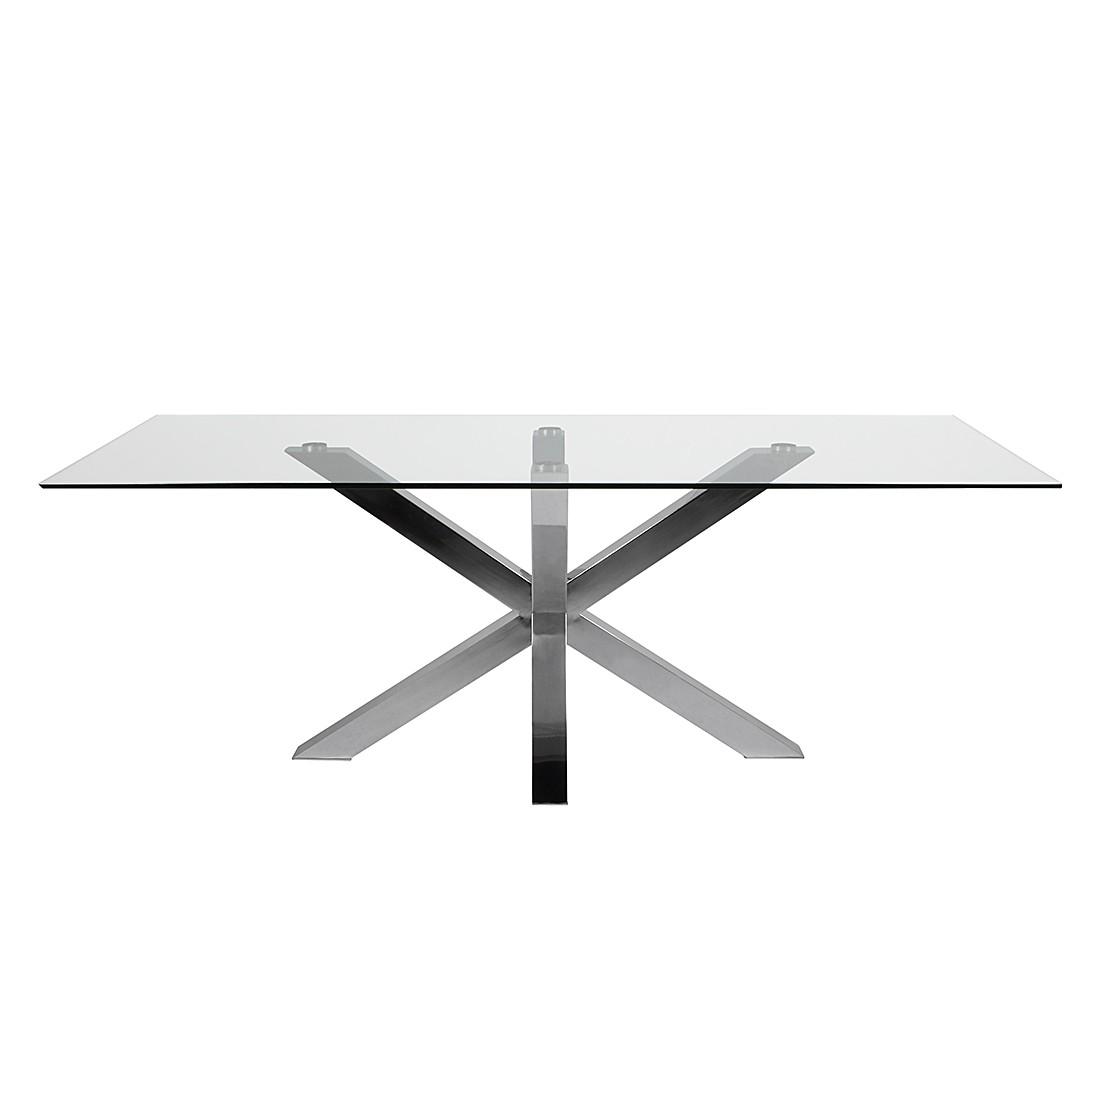 Esstisch Savaria – Glas/Stahl – 200 x 100 cm, furnlab online kaufen